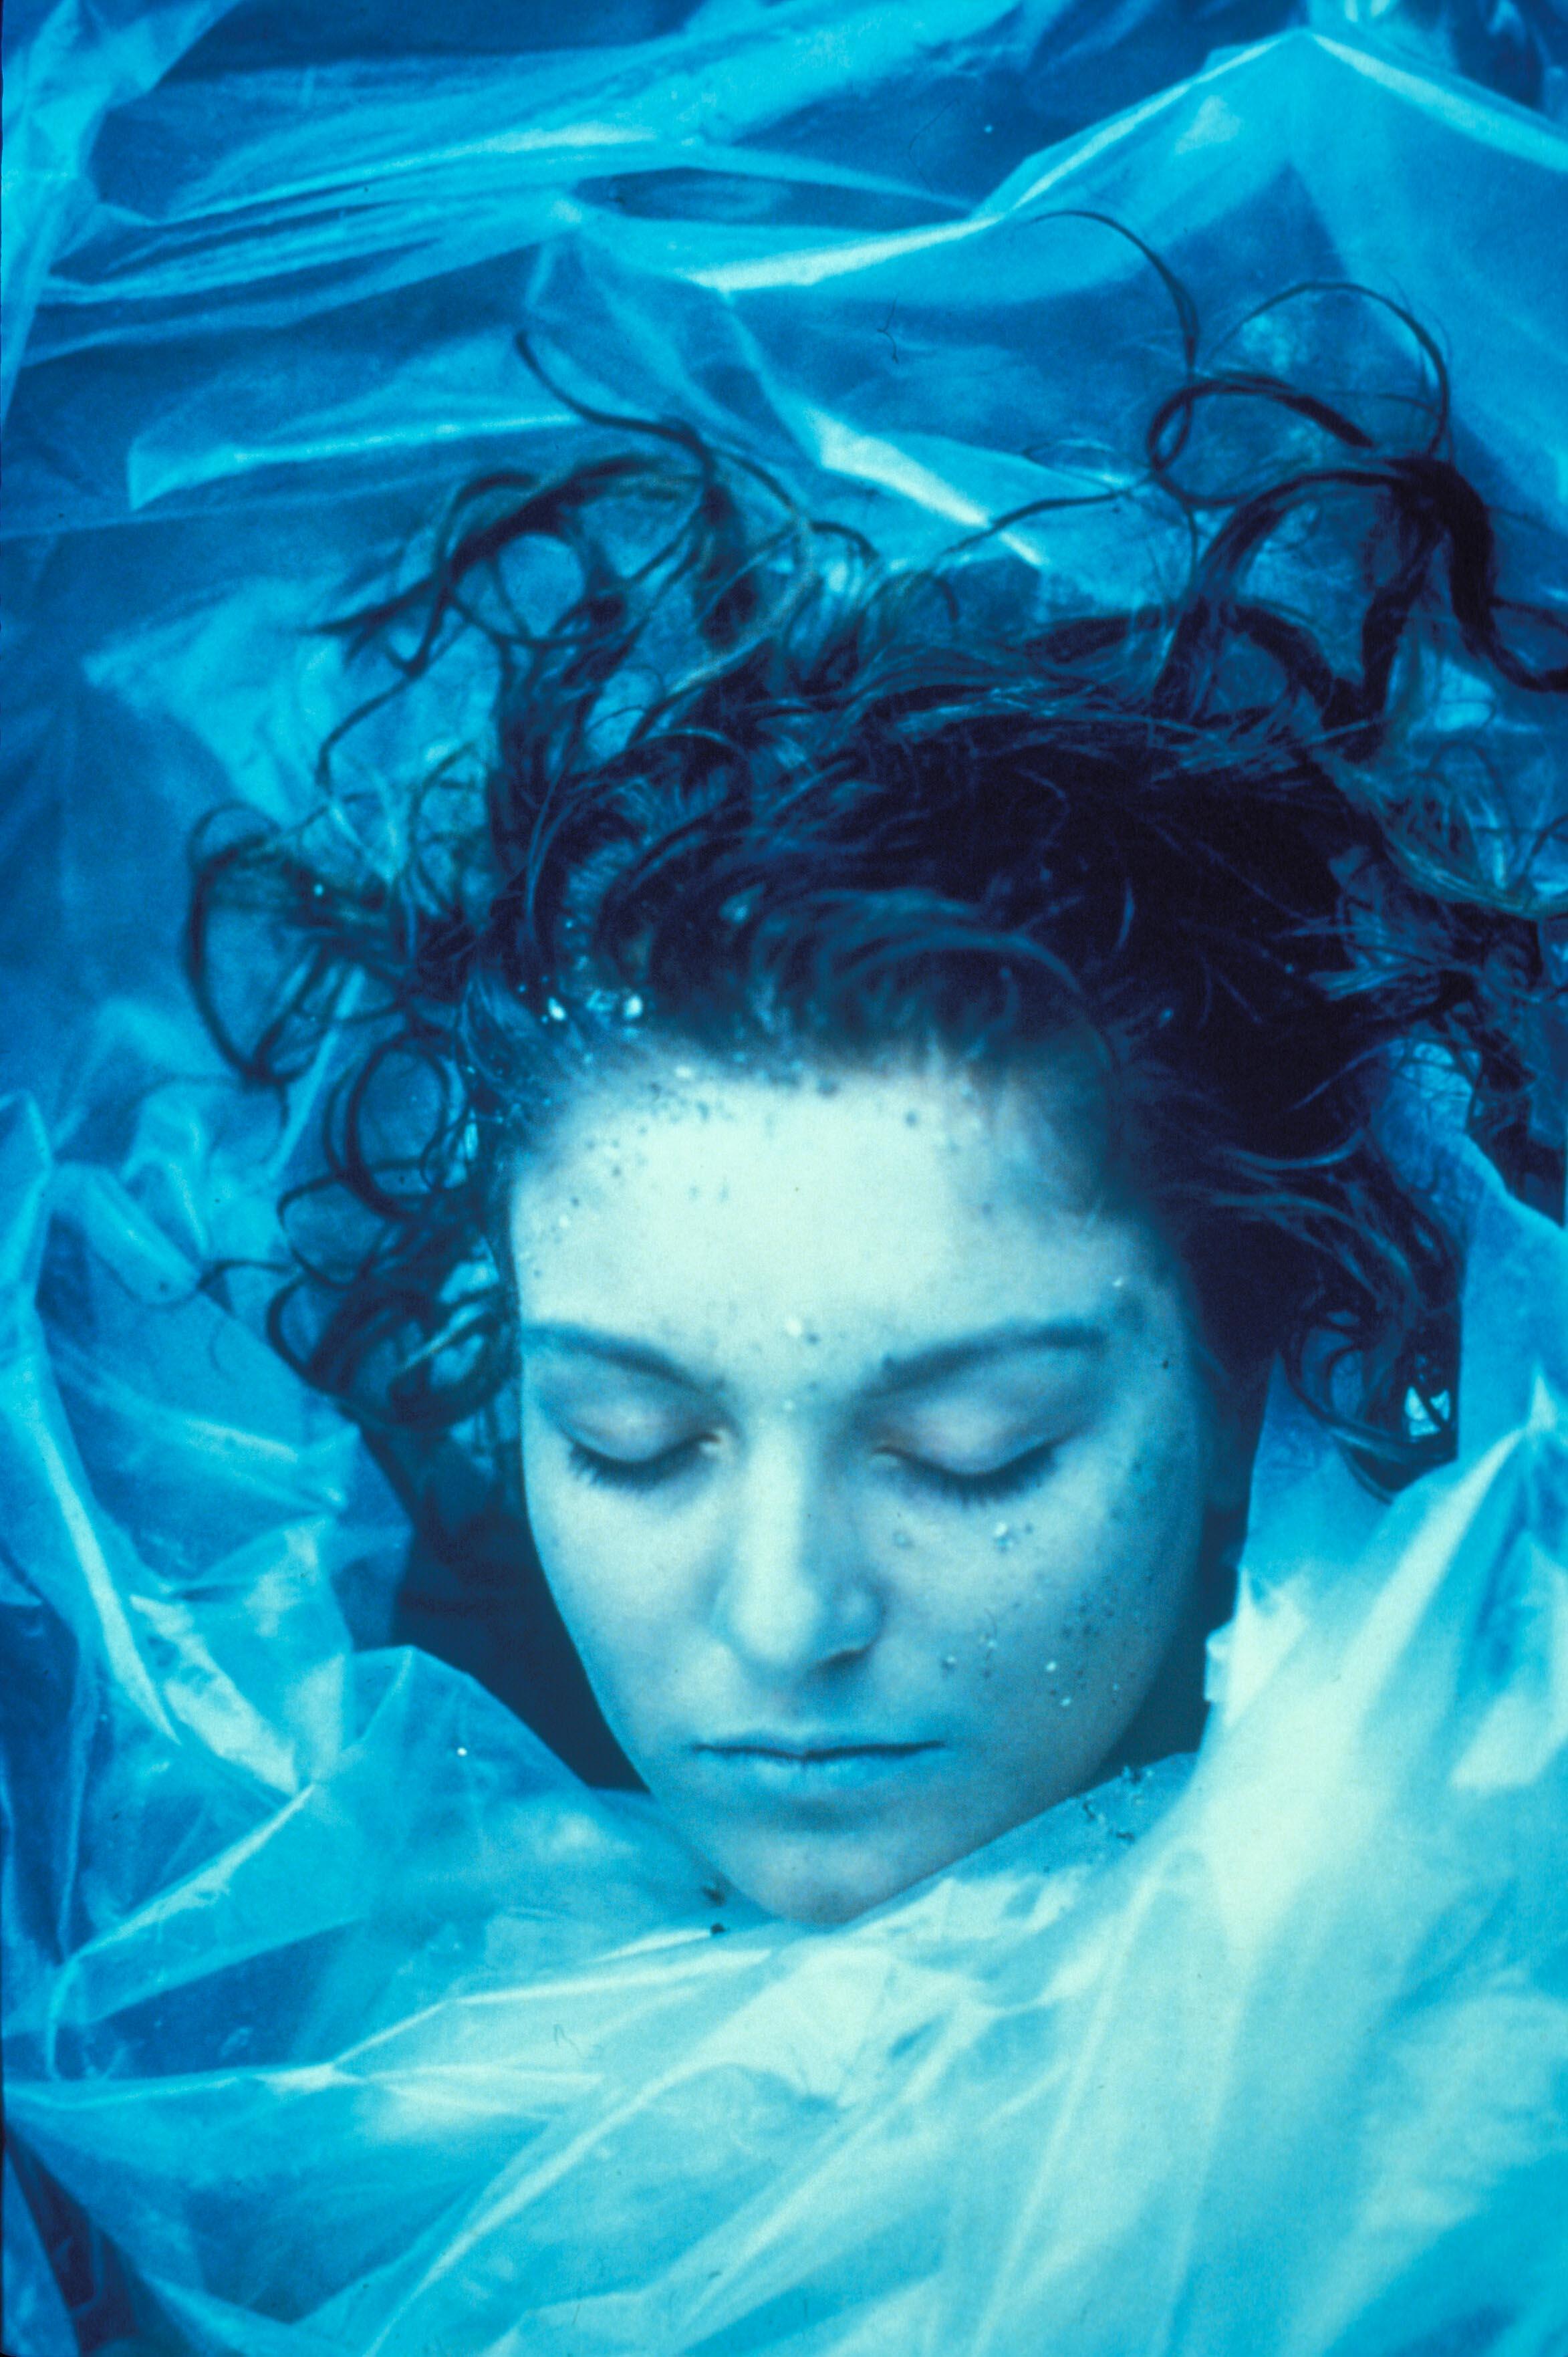 Laura Palmer struktureerib kogu sarja tähendusvälja oma puuduoleku kaudu. Kaader seriaalist